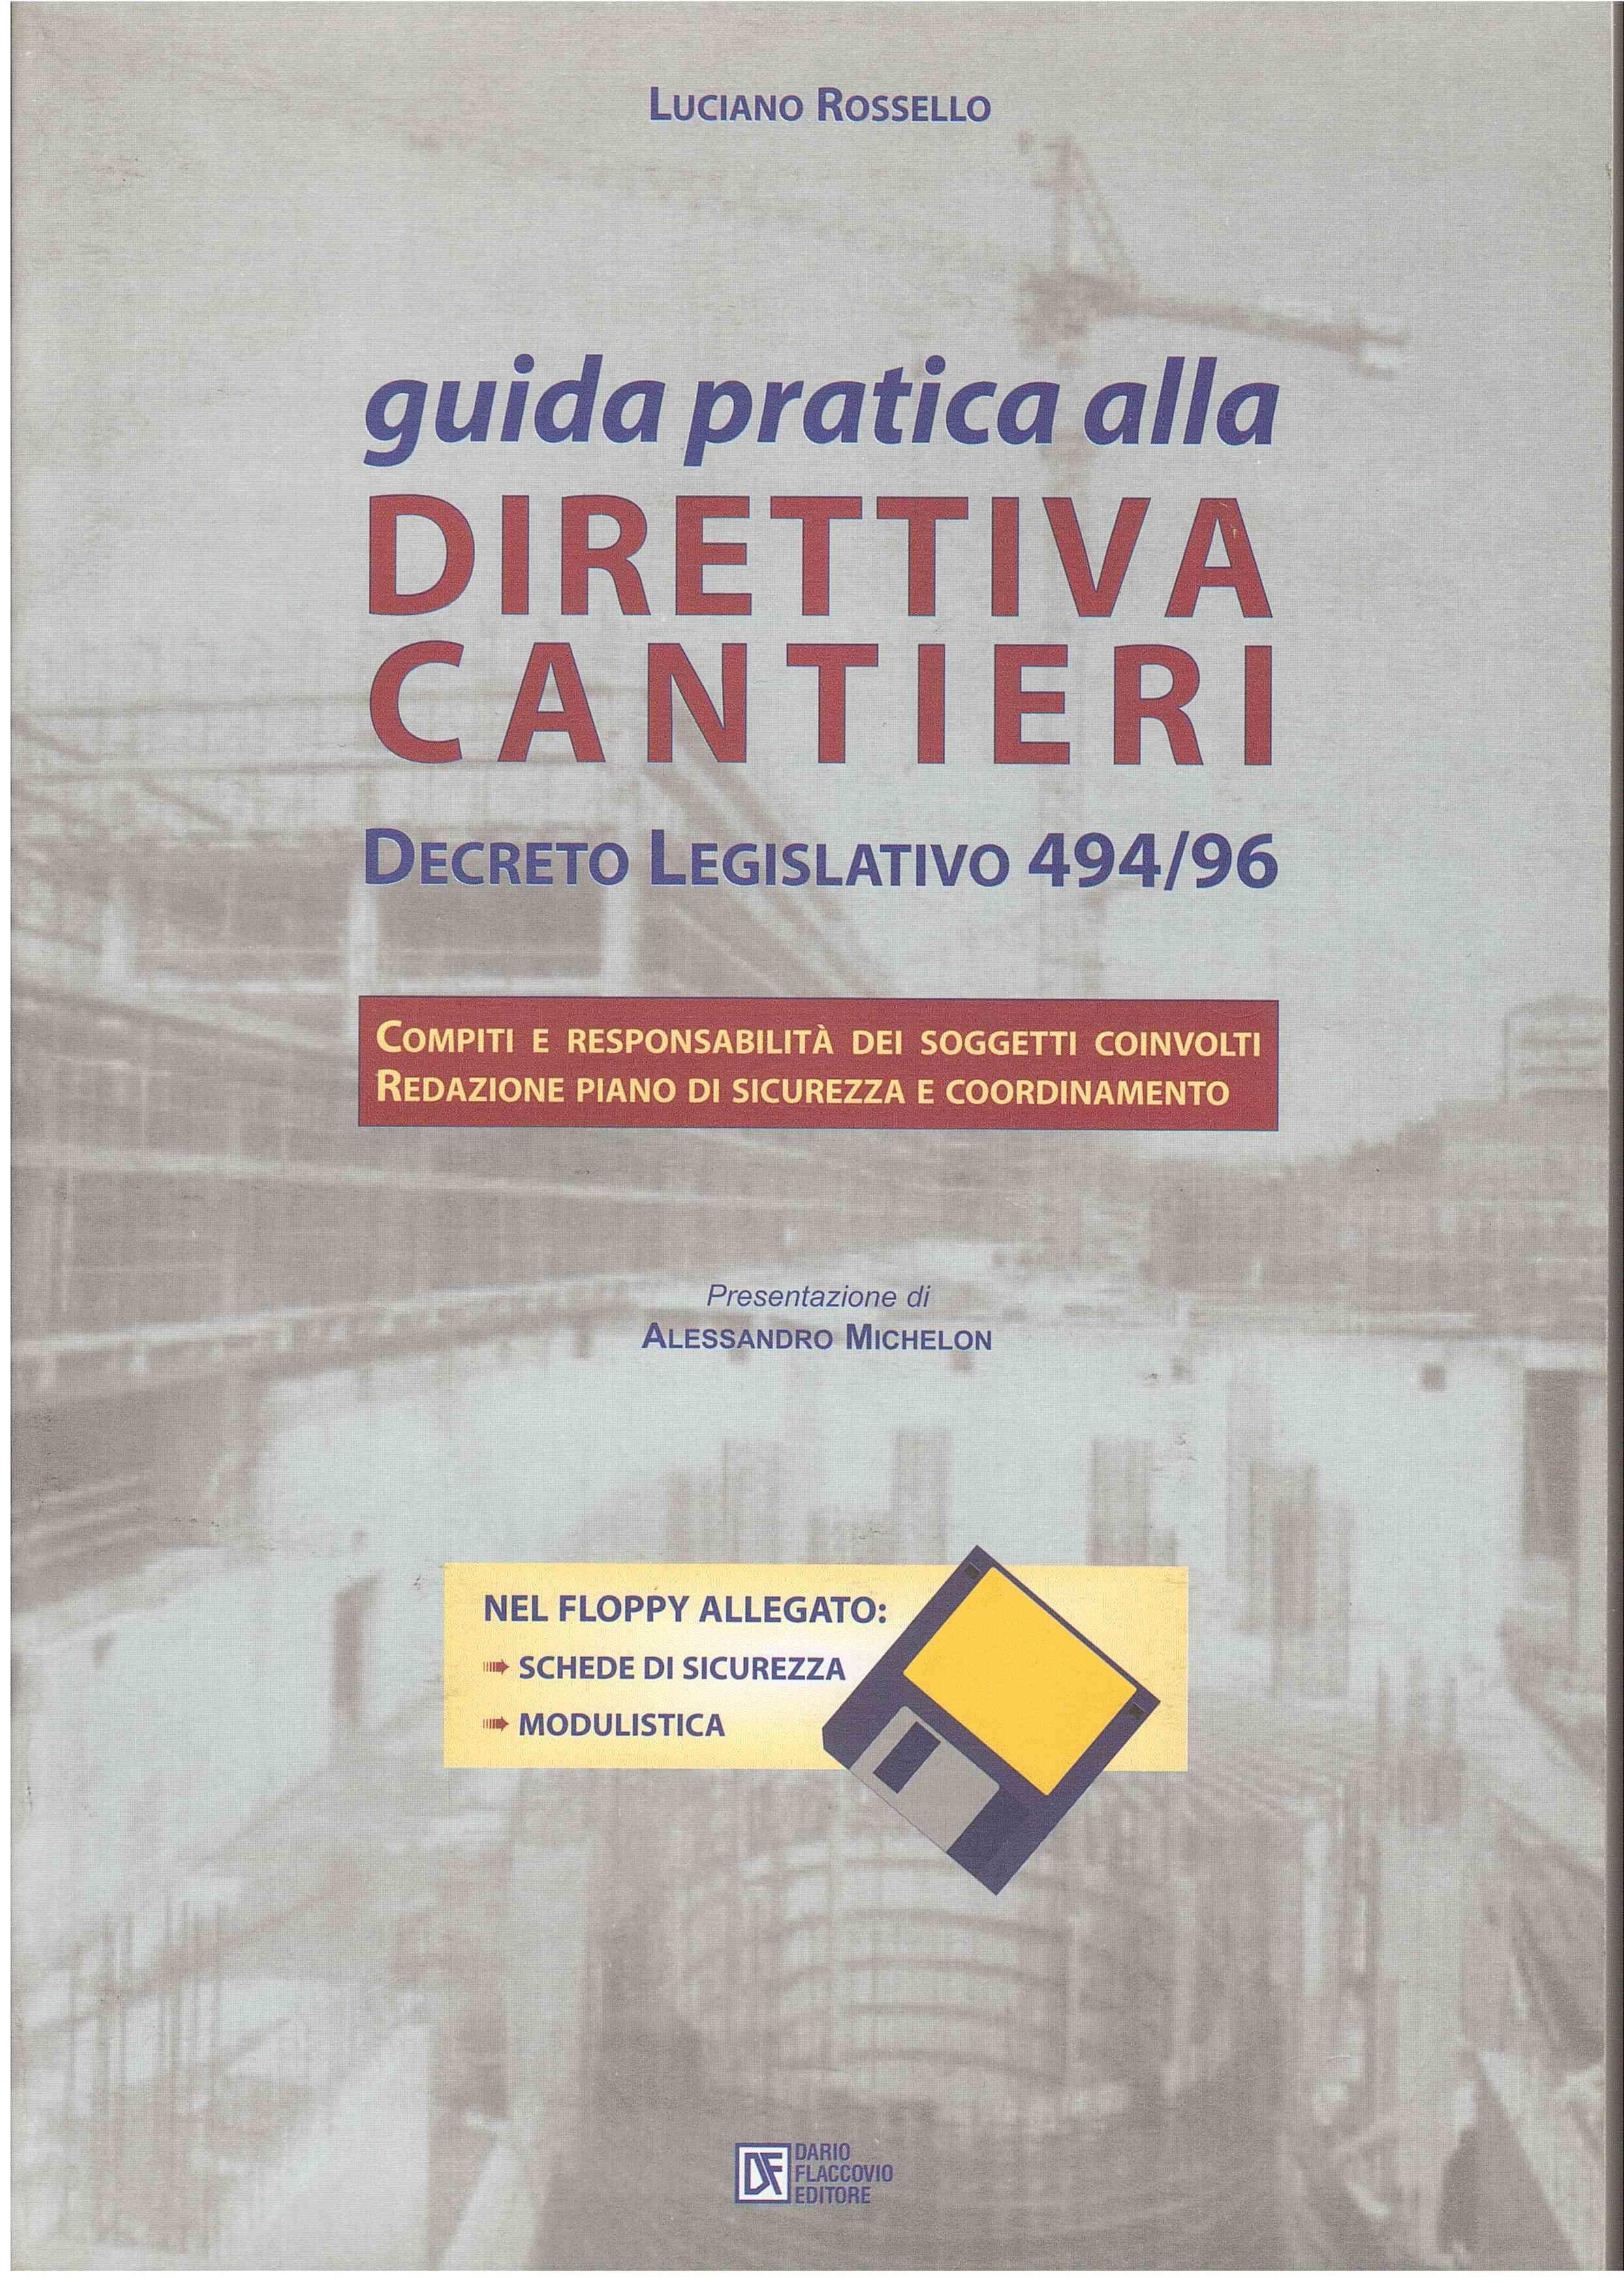 Guida pratica alla direttiva cantieri